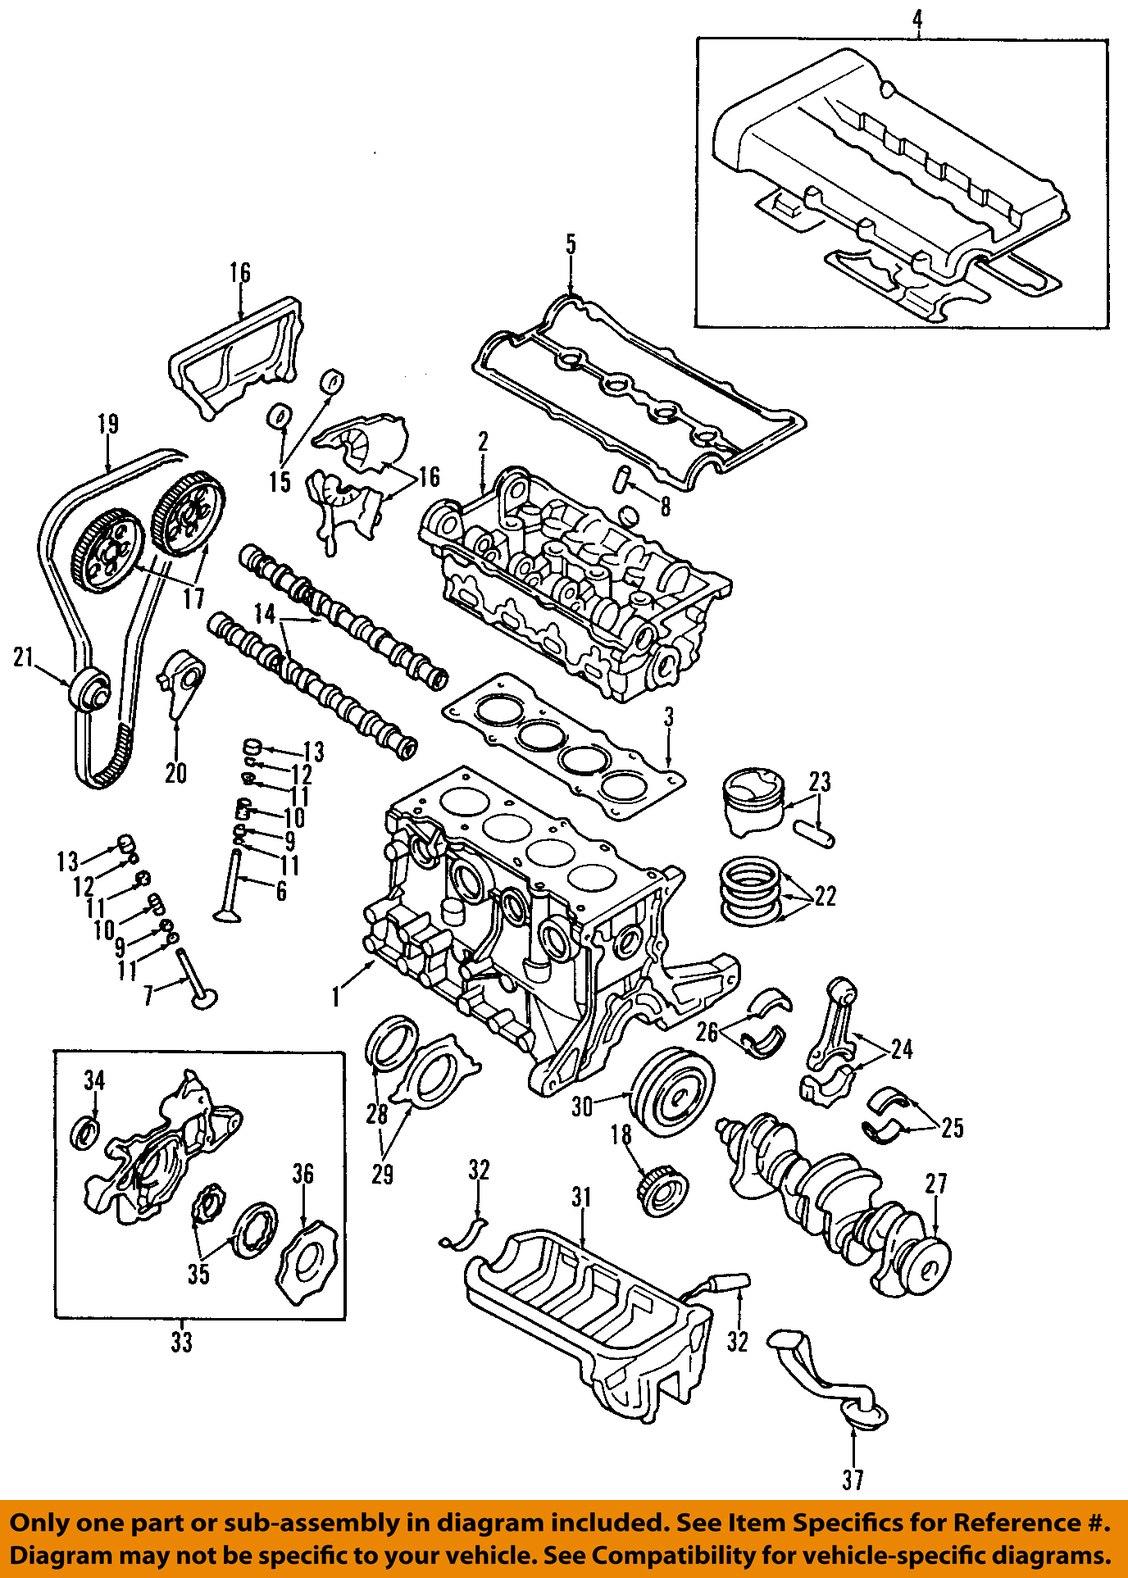 Purchase Kia Oem 95 97 Sephia Engine Crankshaft Main Bearing Crank Diagram Kk1y011sg0